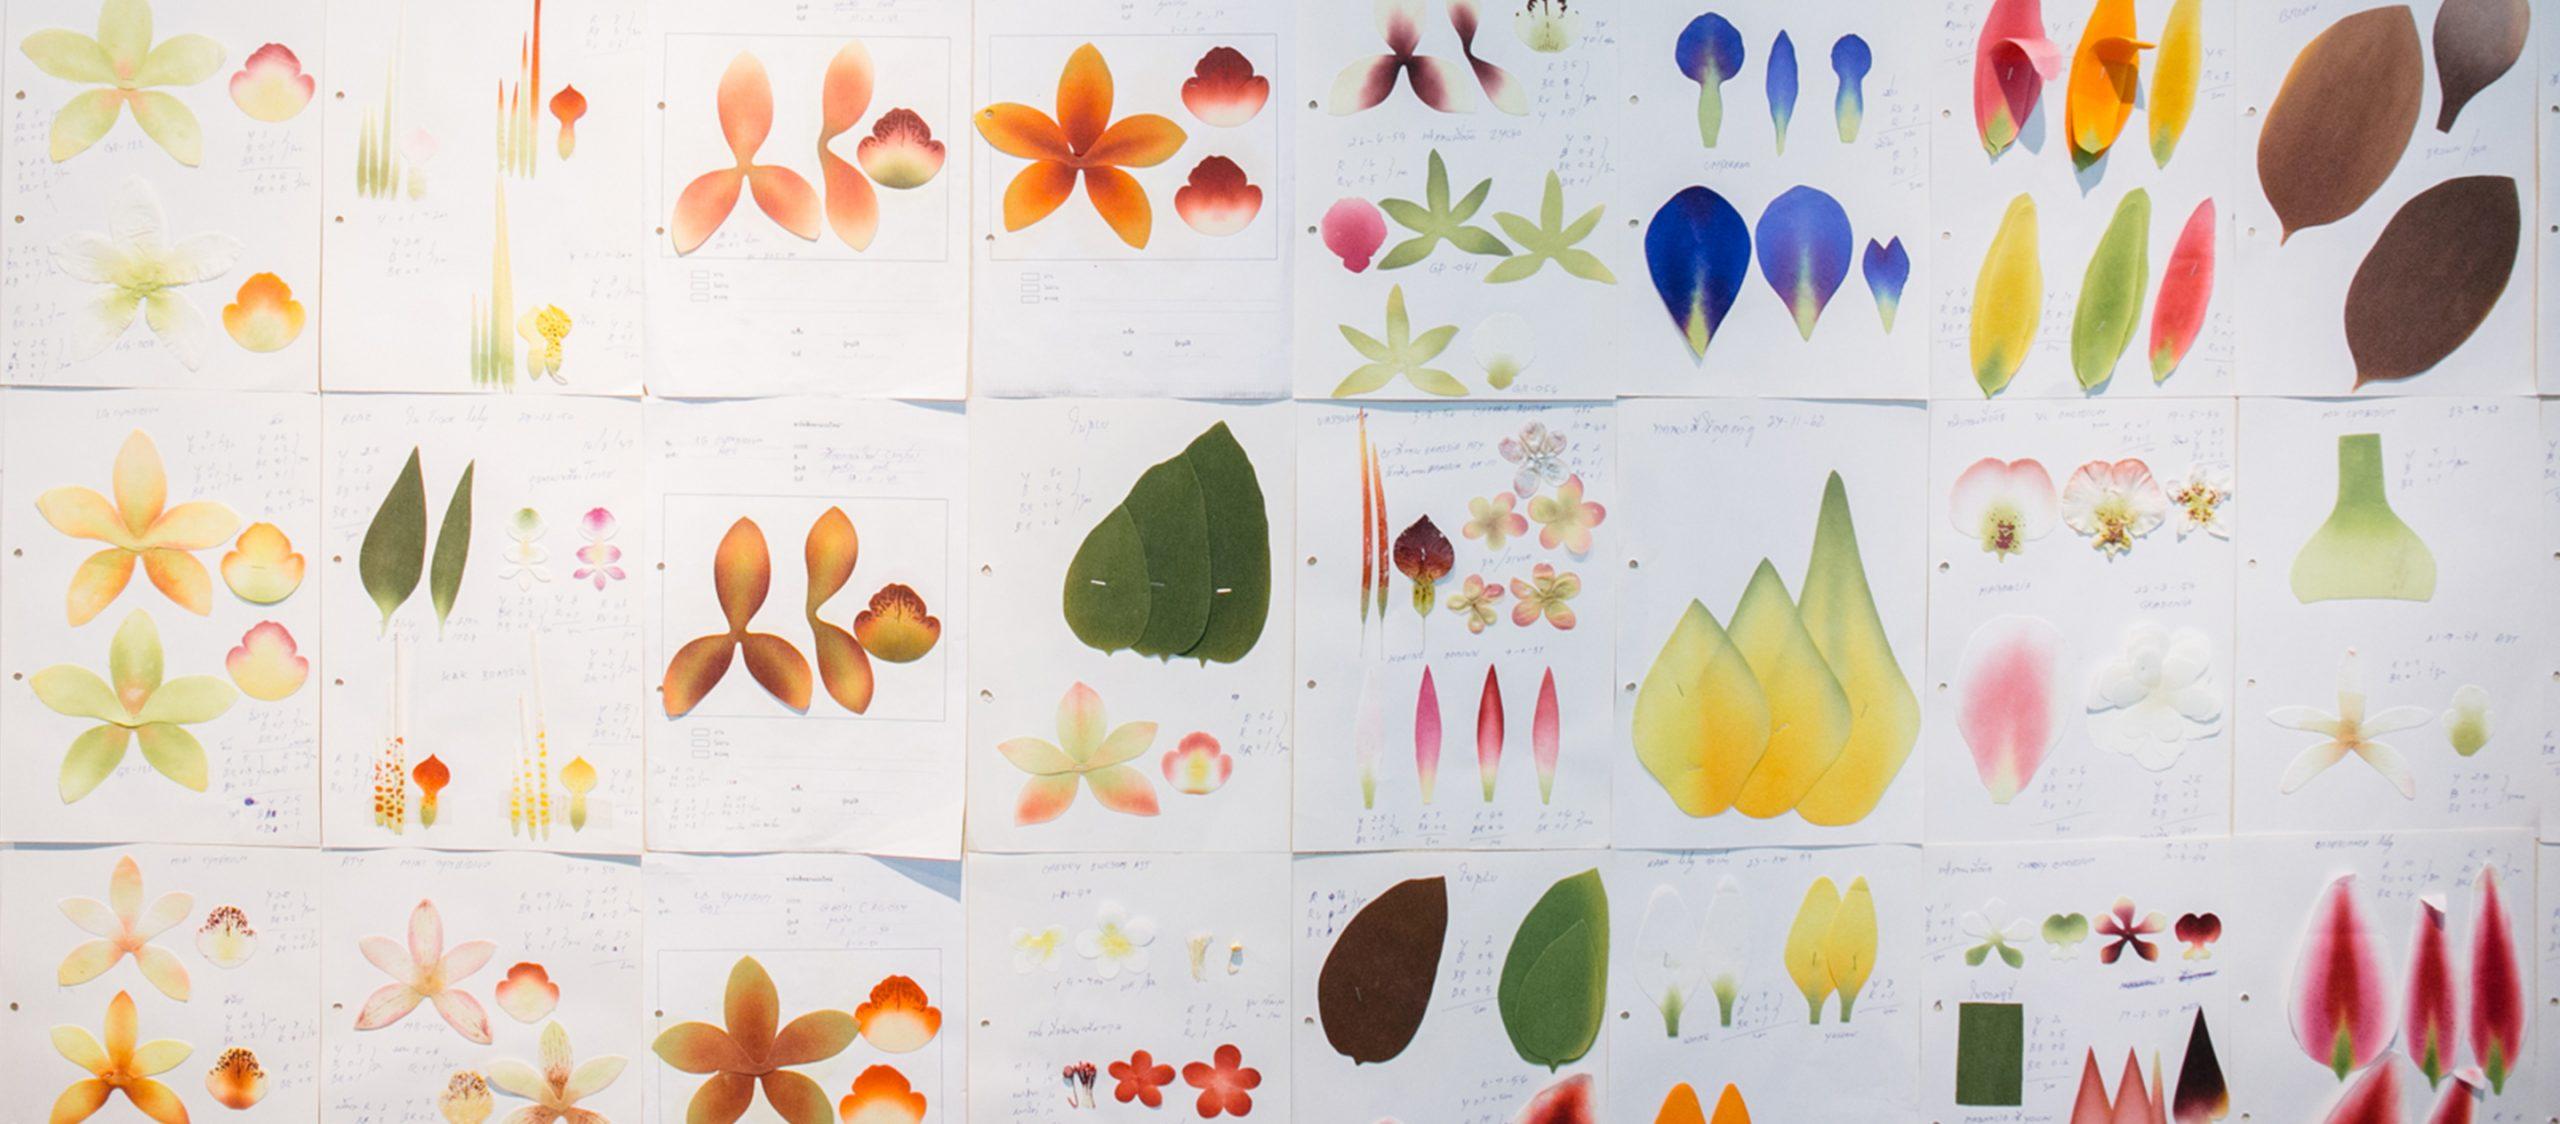 Permaflora แบรนด์ดอกไม้ประดิษฐ์ที่พ่อปลูกให้สมจริงและลูกประดับให้เป็นงานศิลปะ